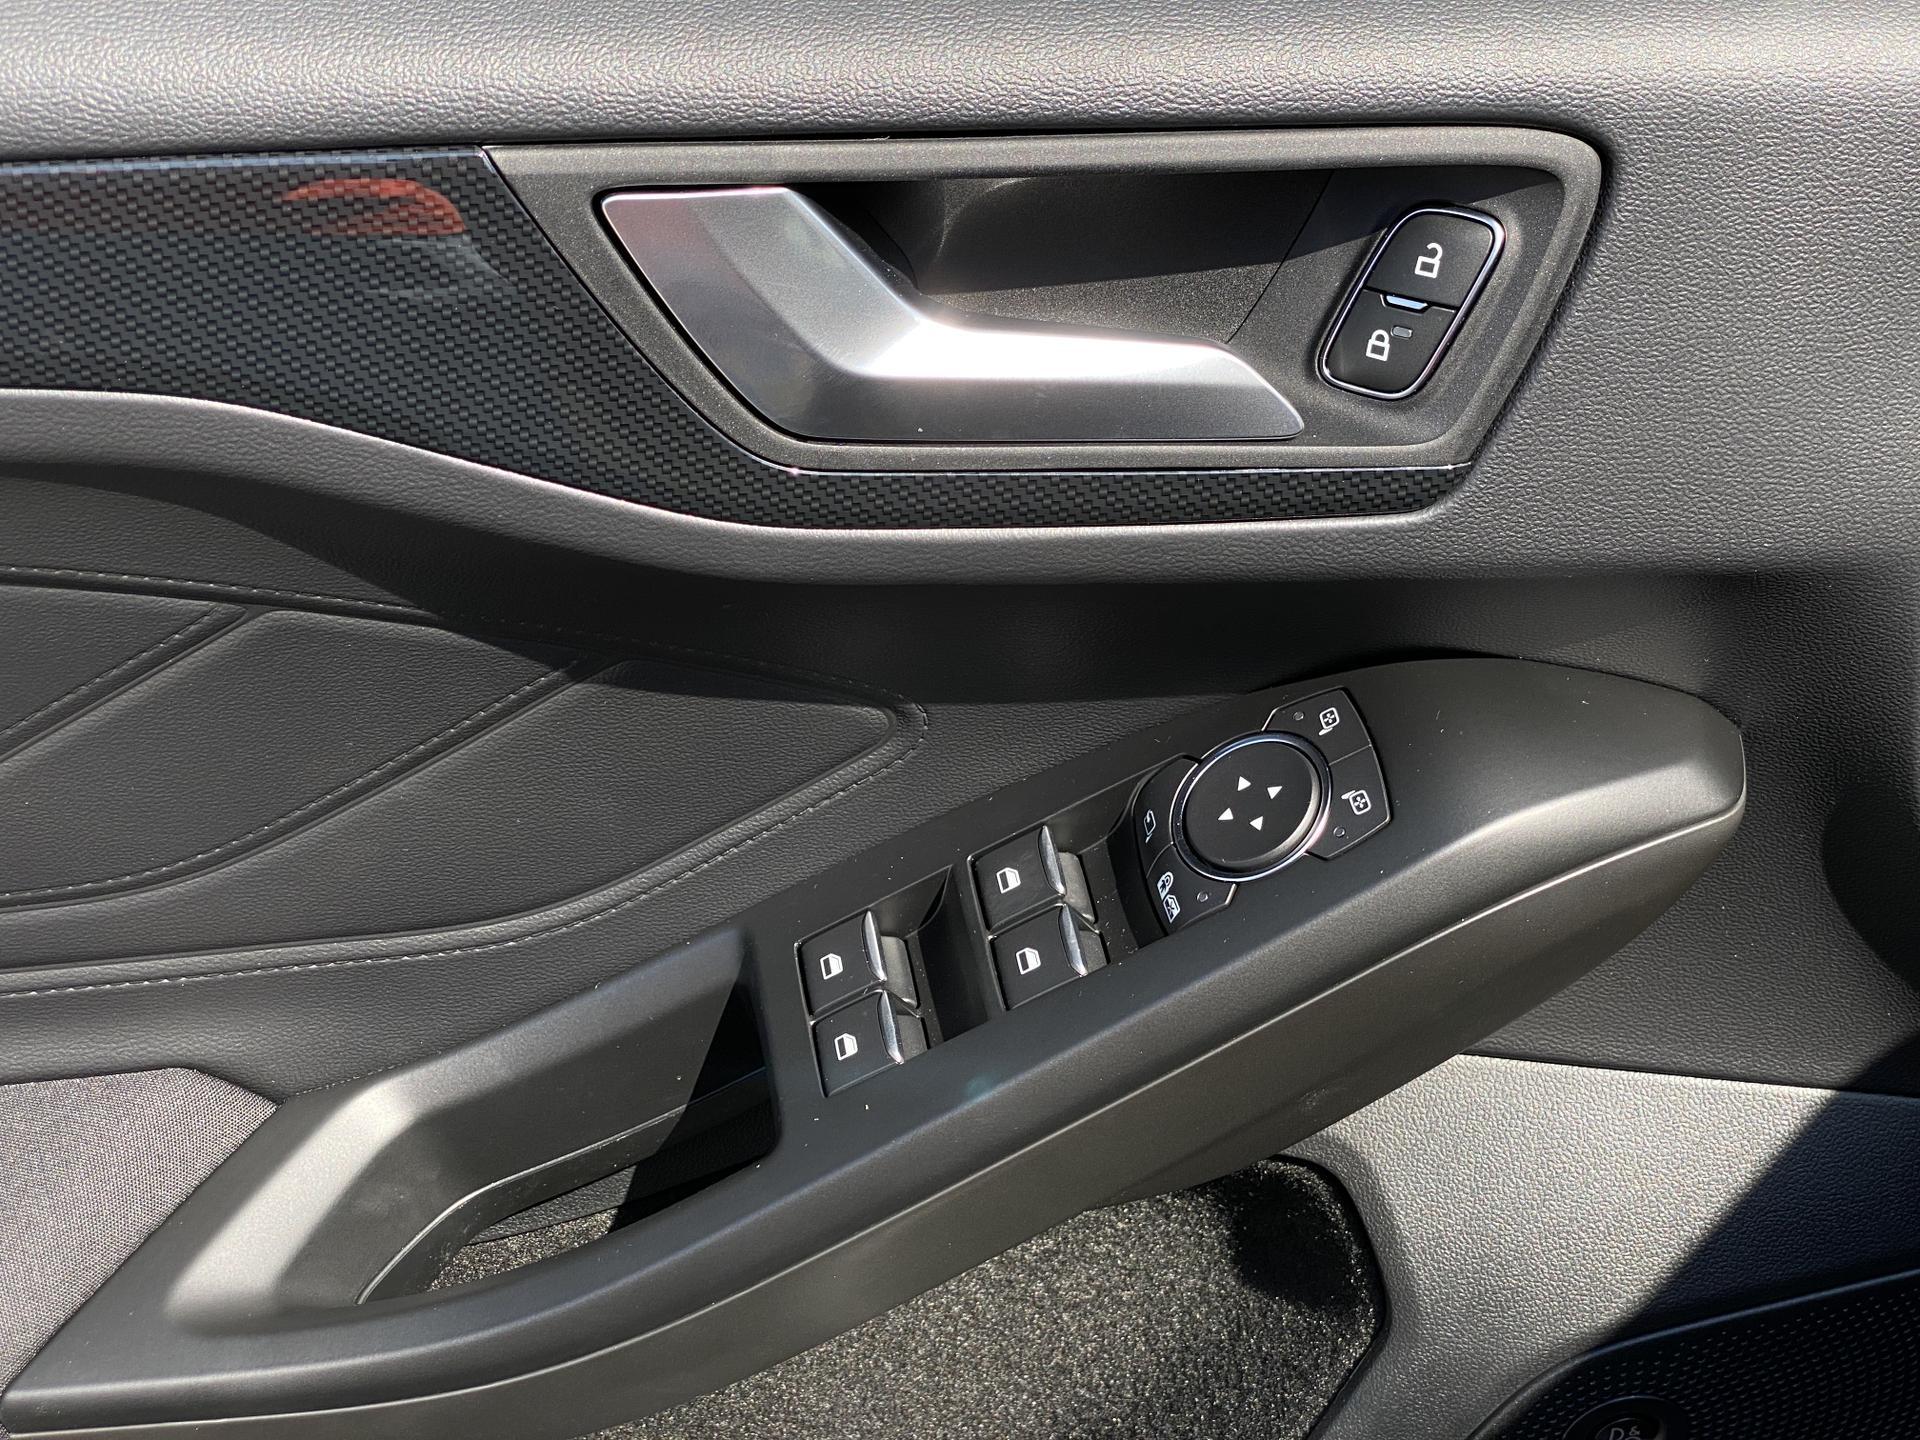 Ford Focus Turnier Fahrertür